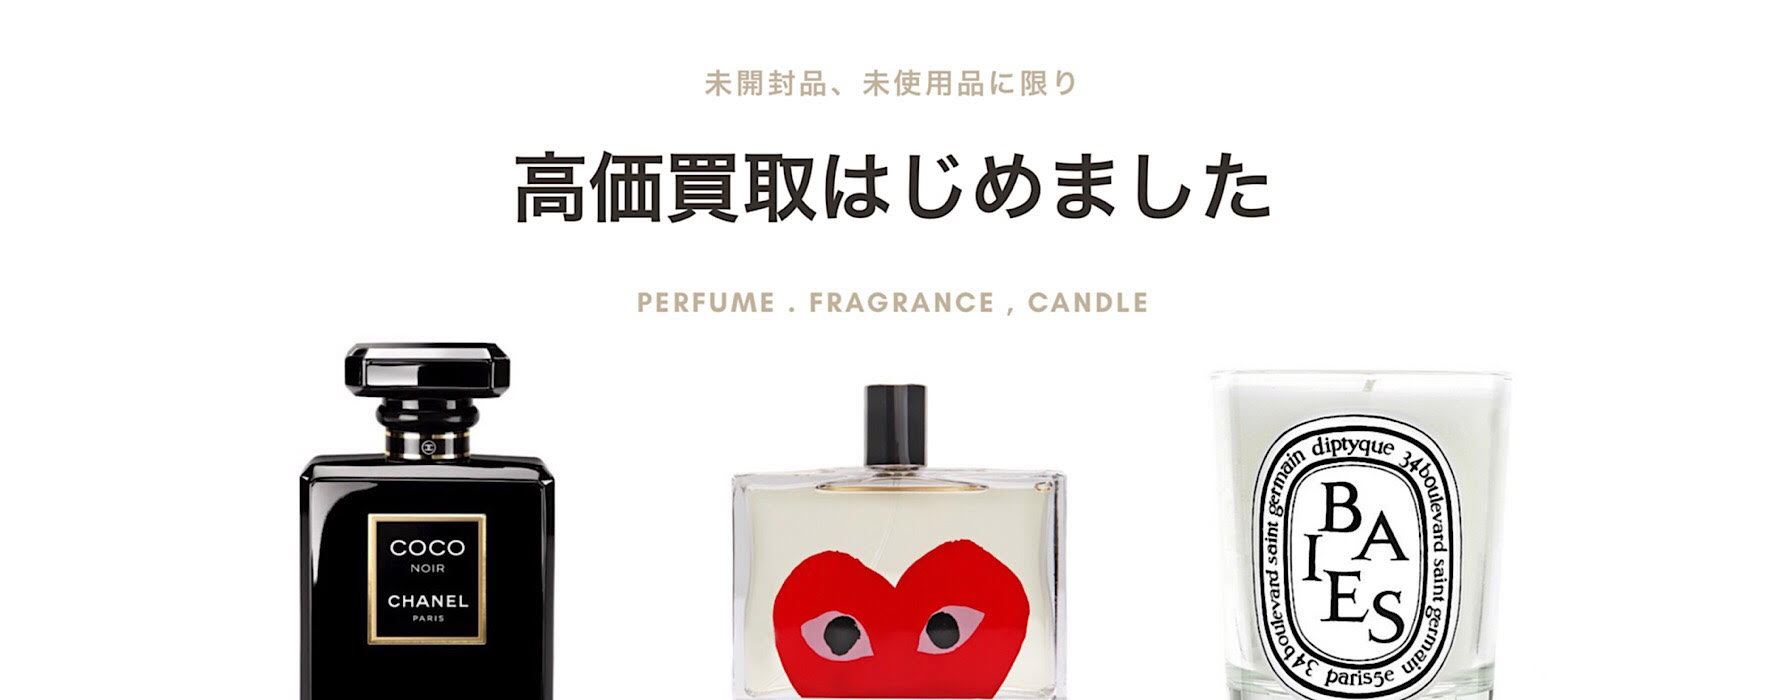 香水はじめました